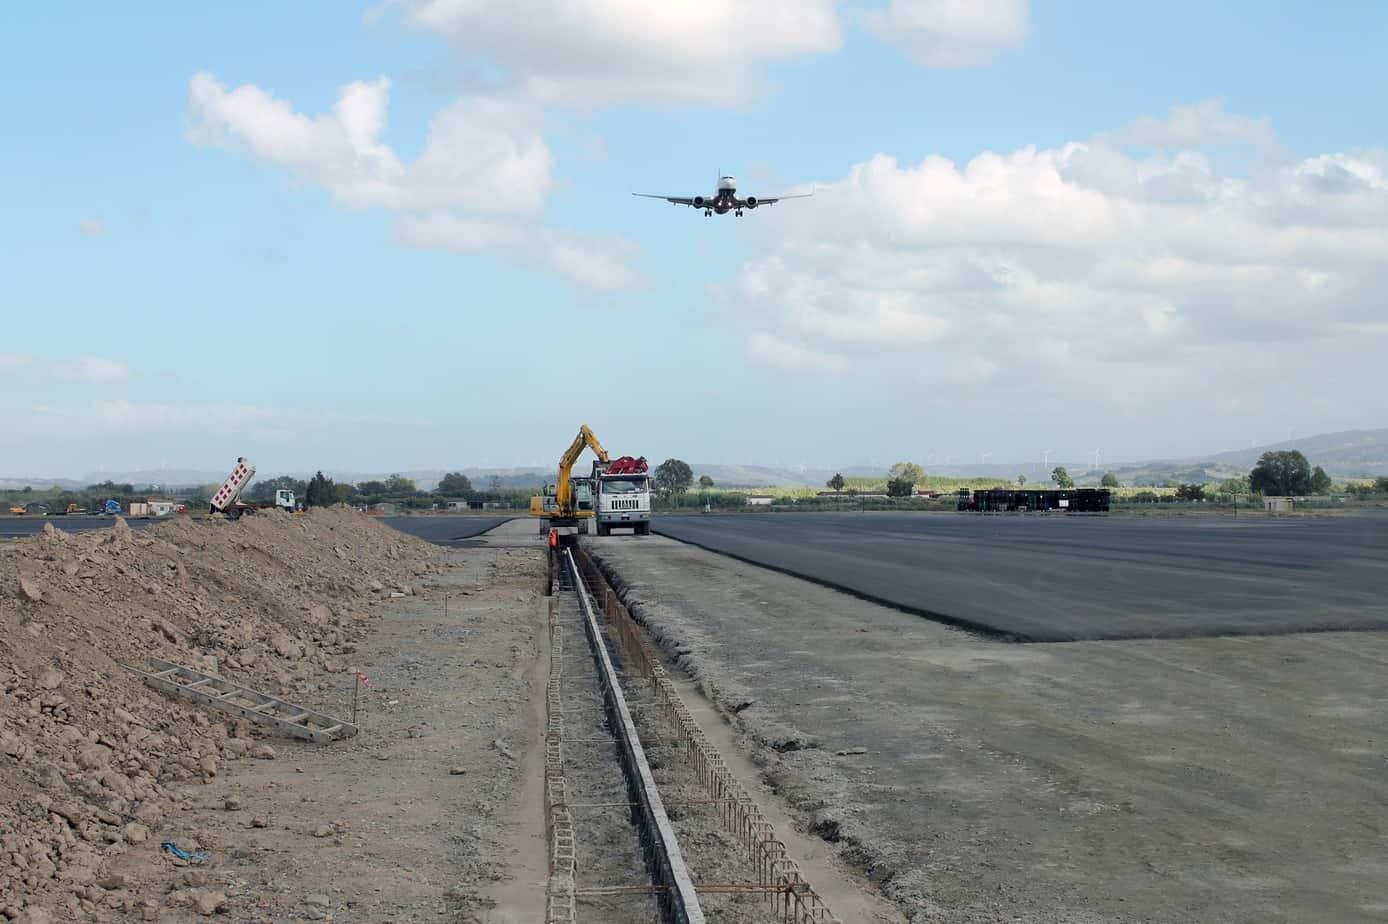 Il completamento dell'installazione dei canali Hauraton all'aeroporto Sant'Eufemia di Lamezia Terme